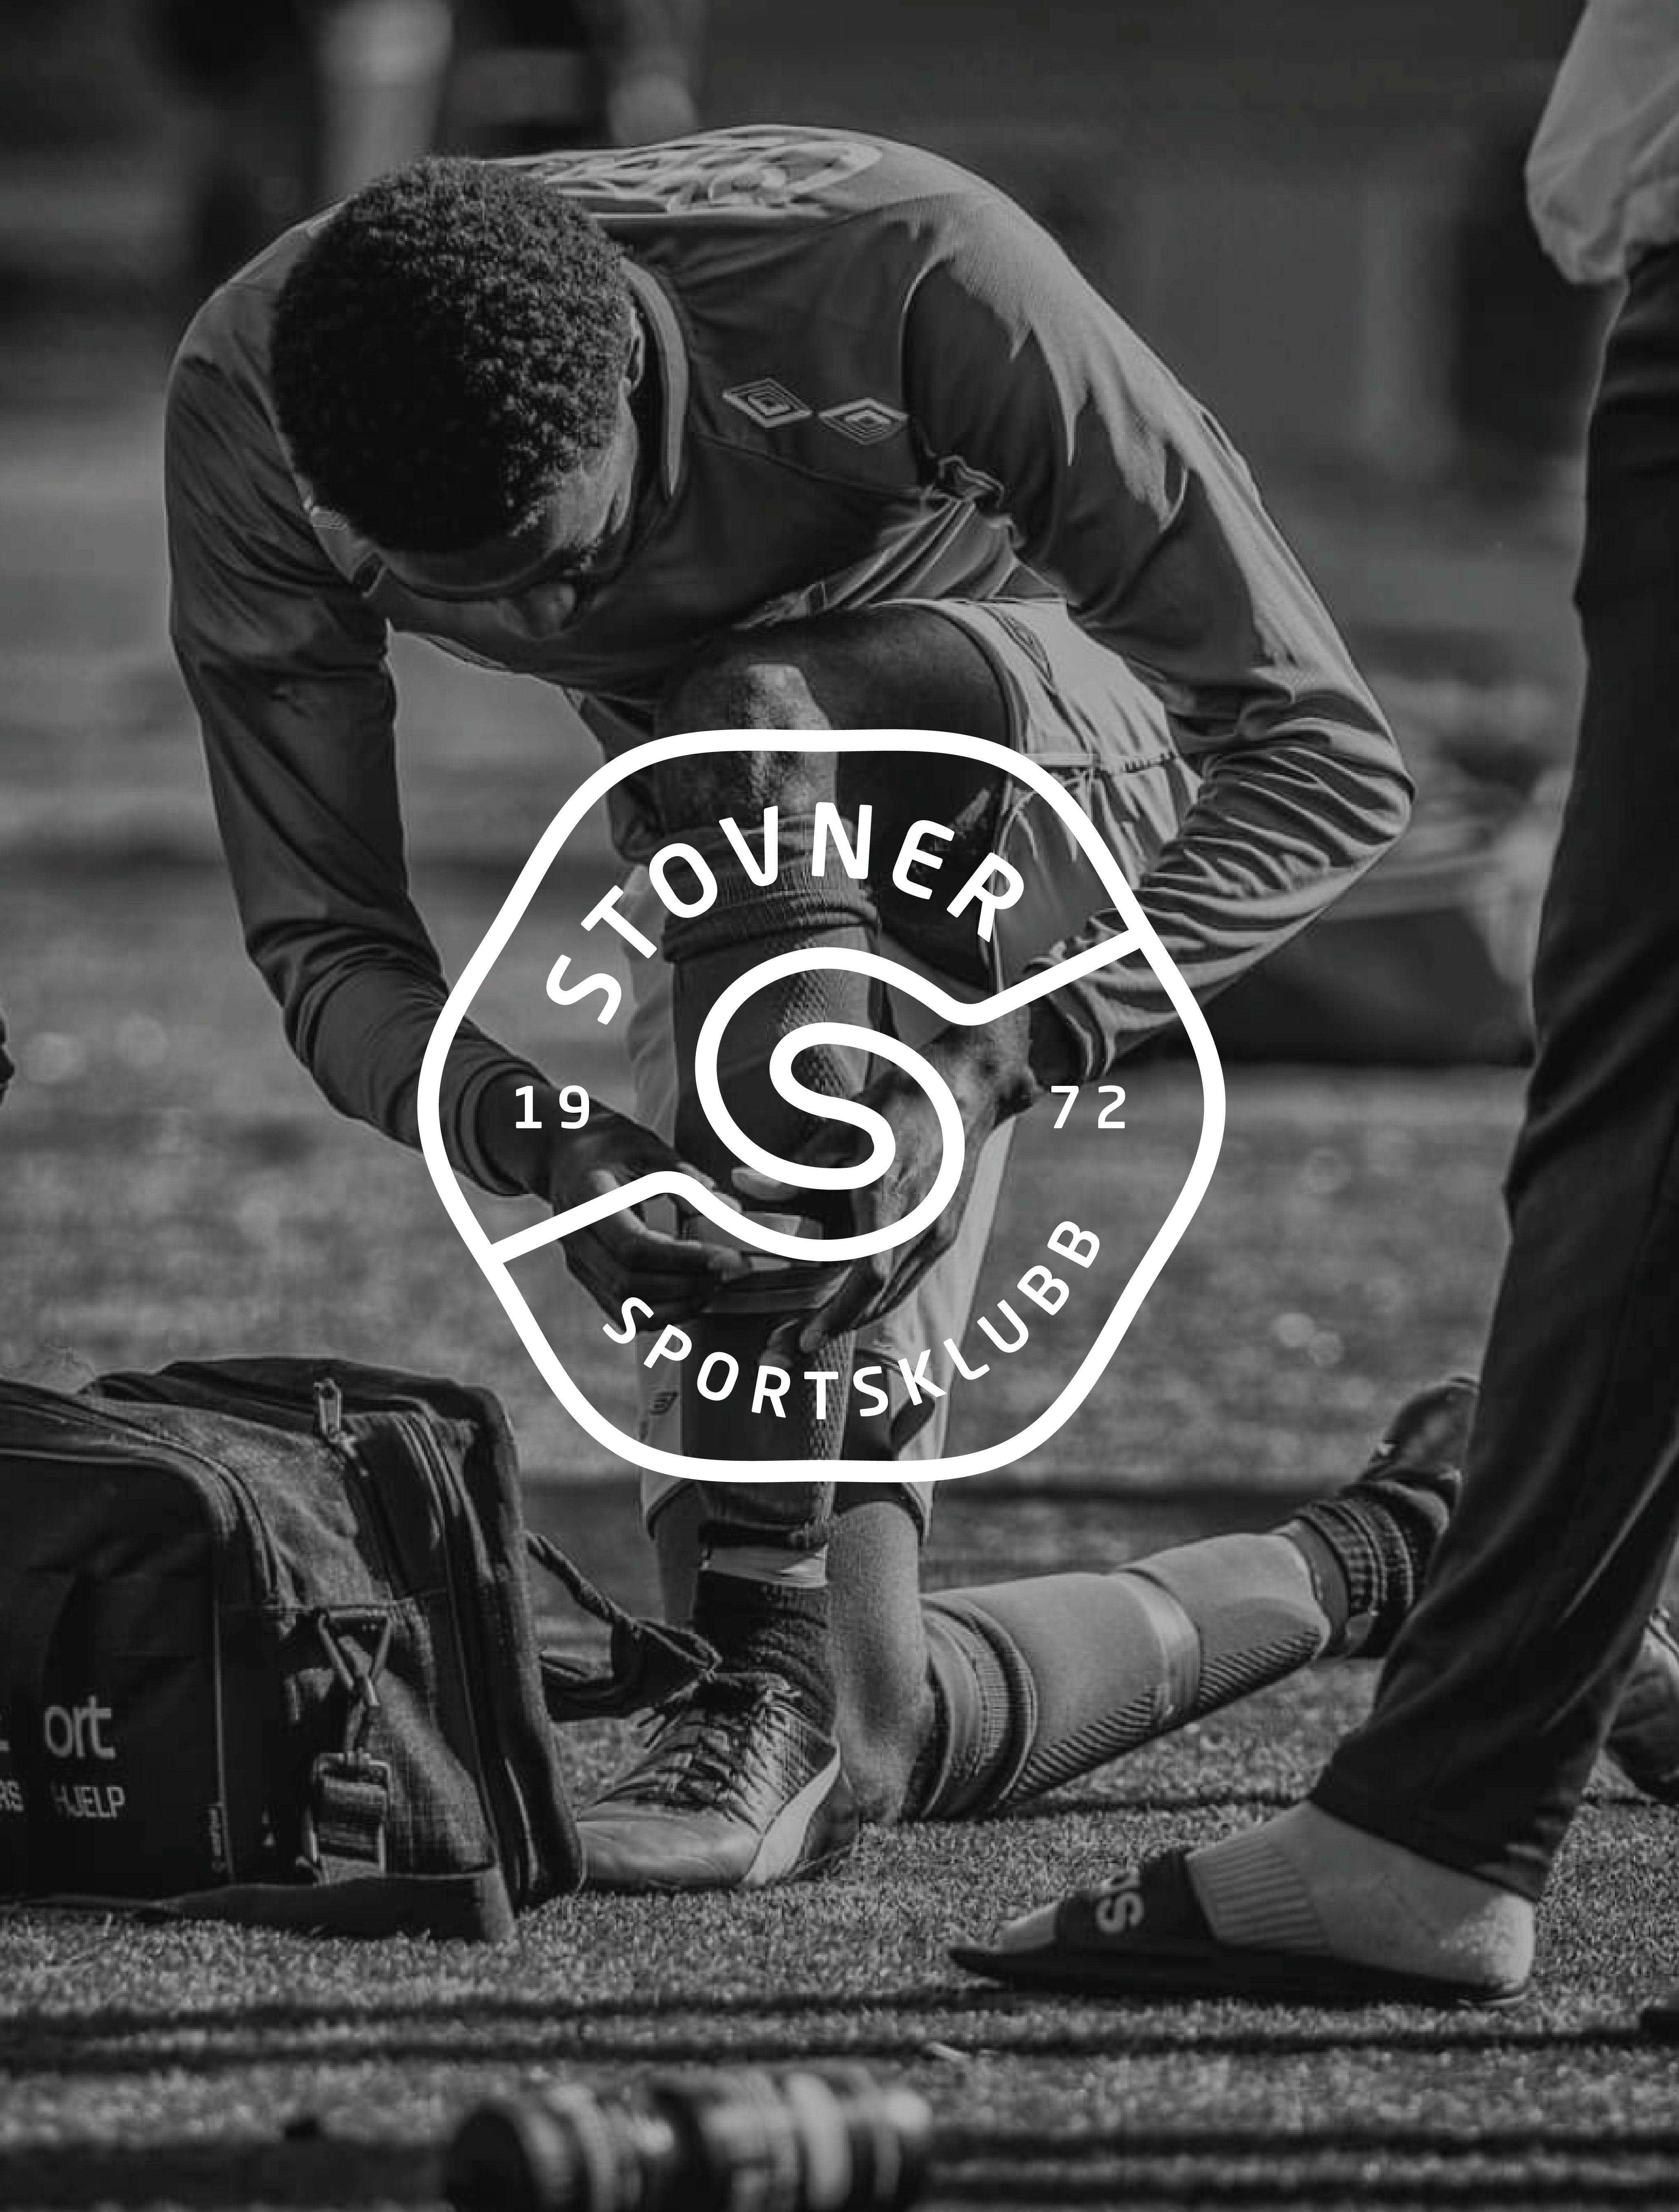 Stovner Sportsklubb